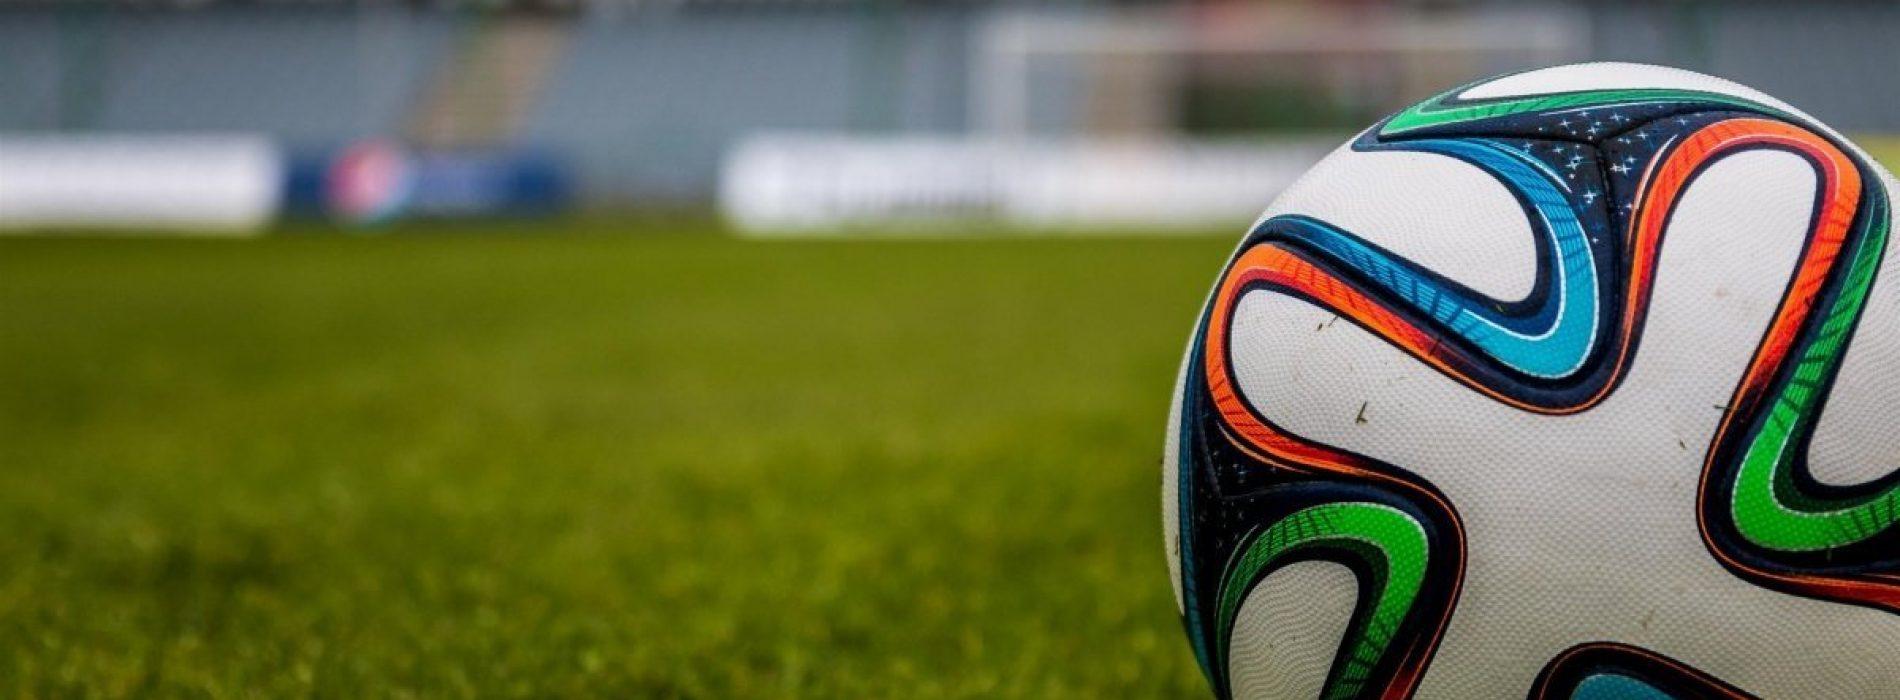 UFFICIALE Barcellona Napoli a porte chiuse